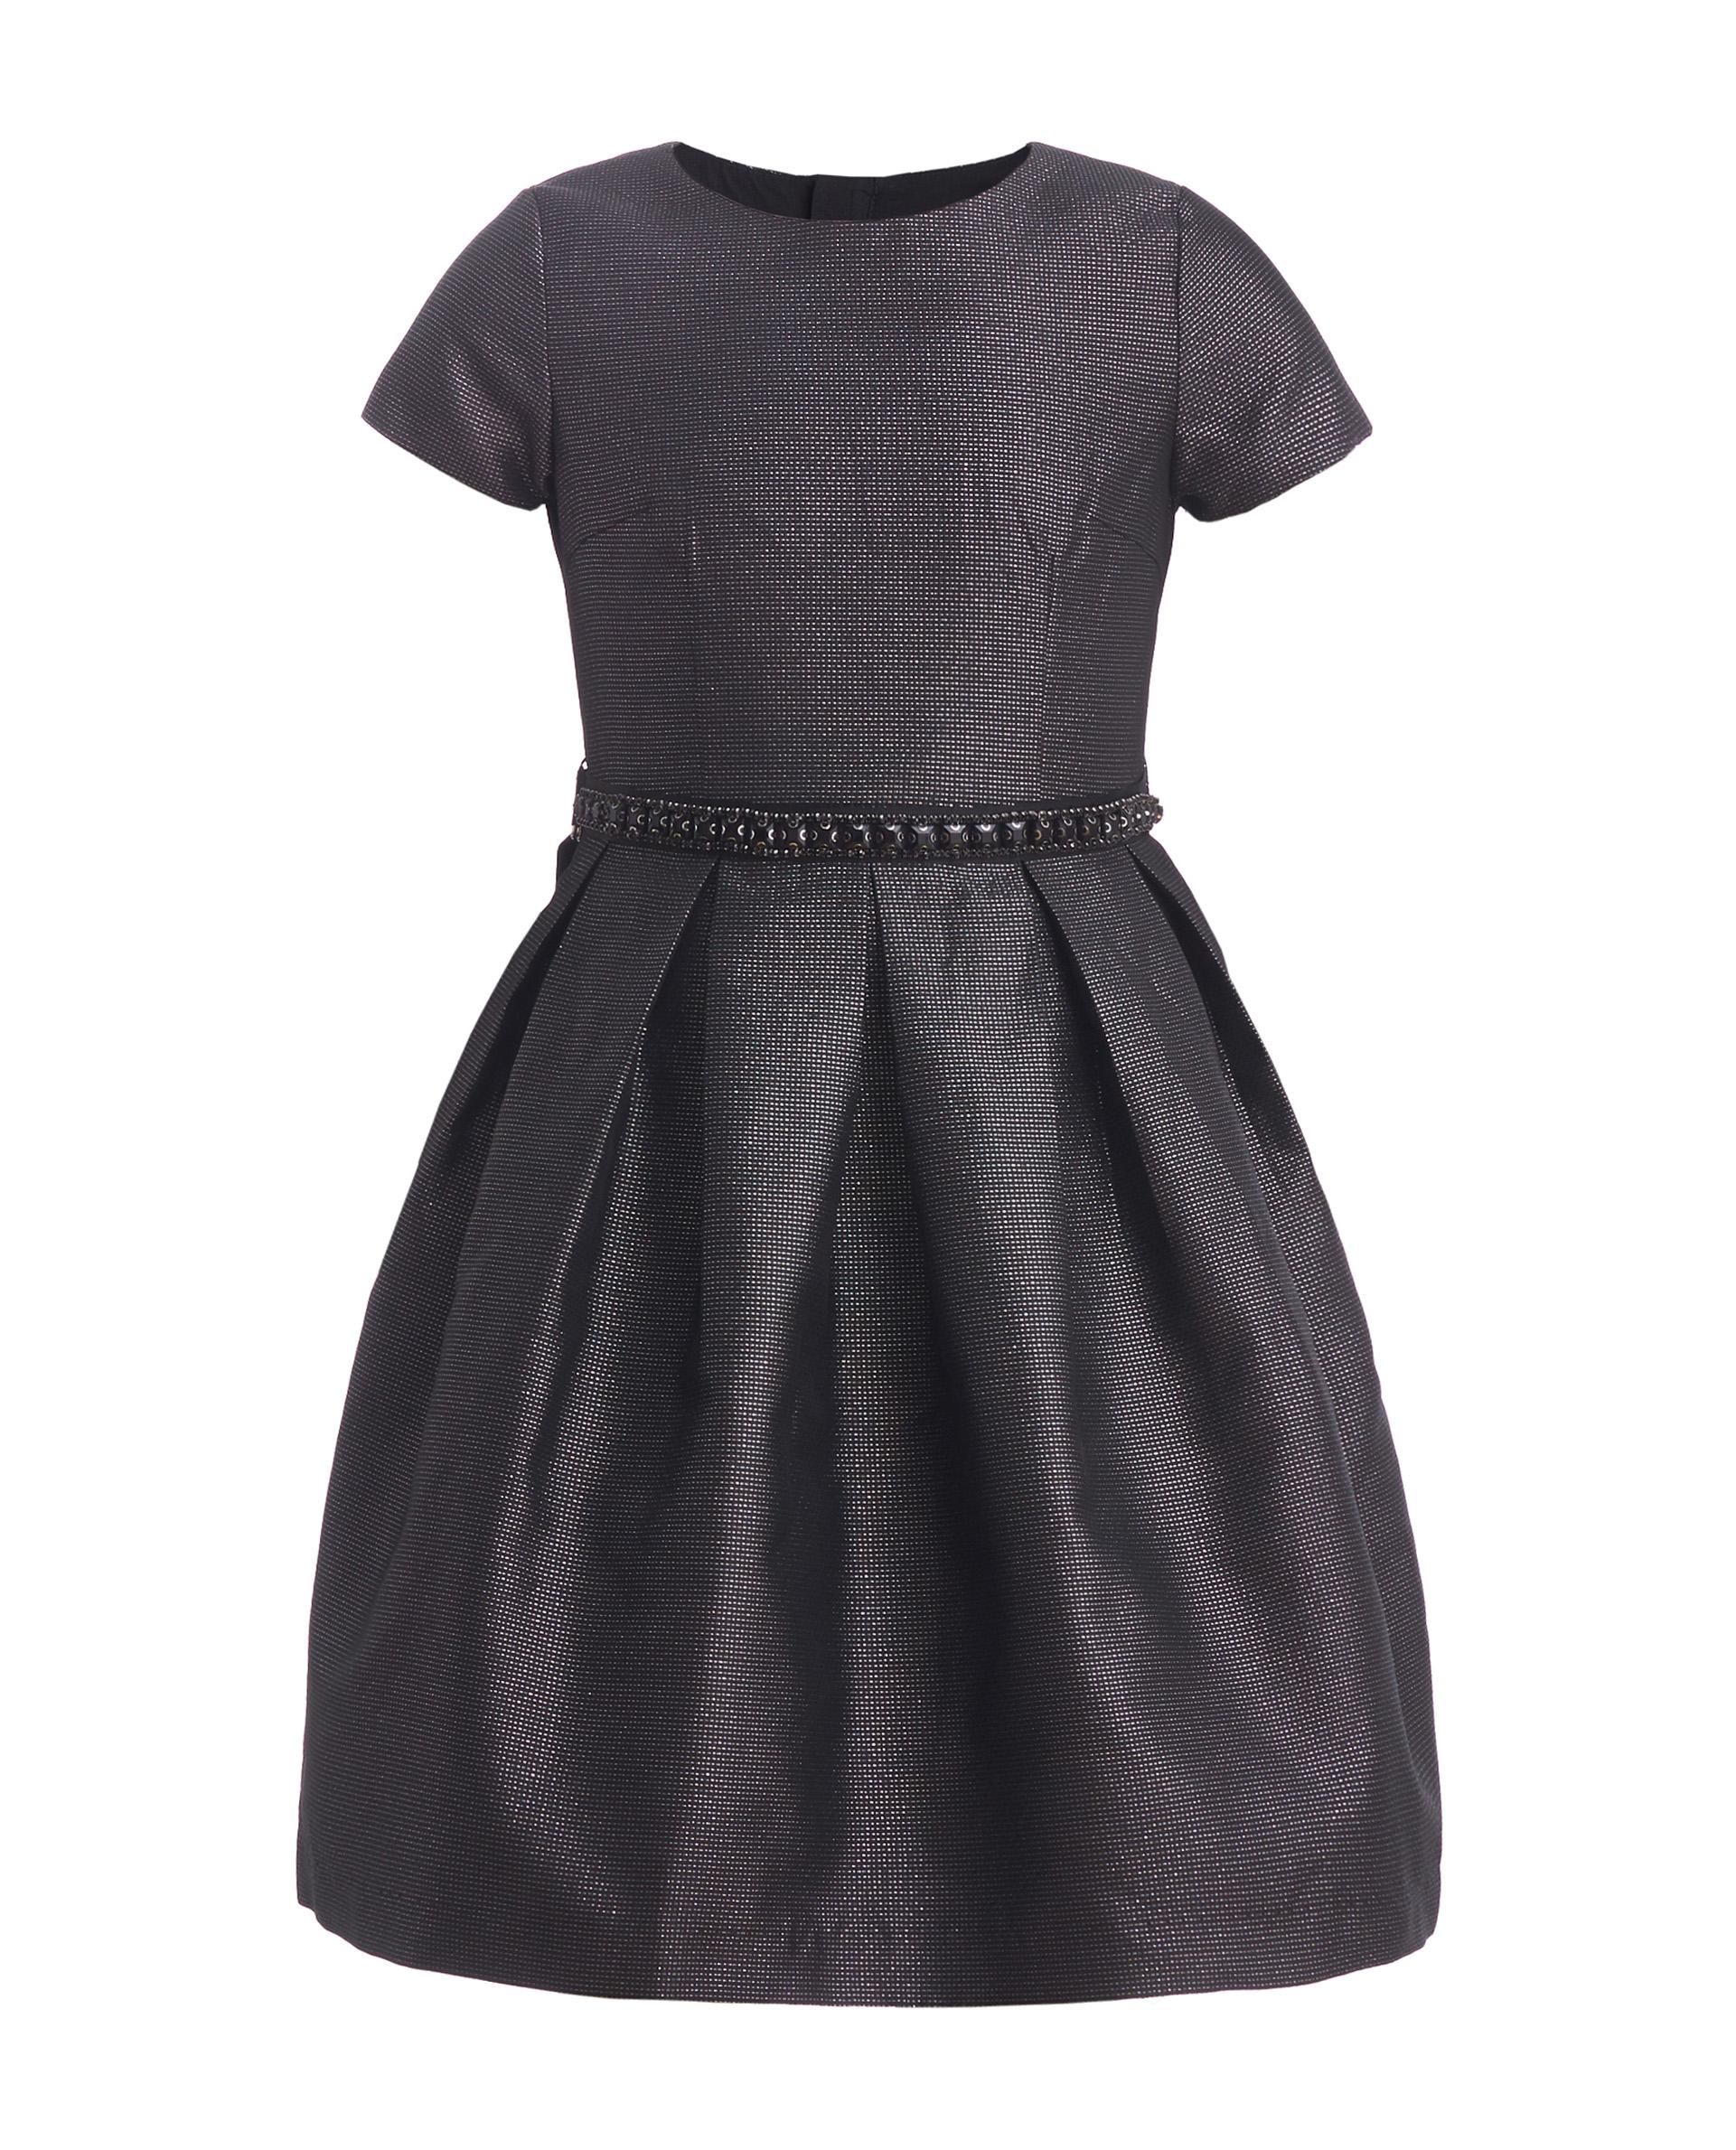 Купить 219GPGJC2505, Черное нарядное платье Gulliver, черный, 146, Женский, ОСЕНЬ/ЗИМА 2020-2021 (shop: GulliverMarket Gulliver Market)